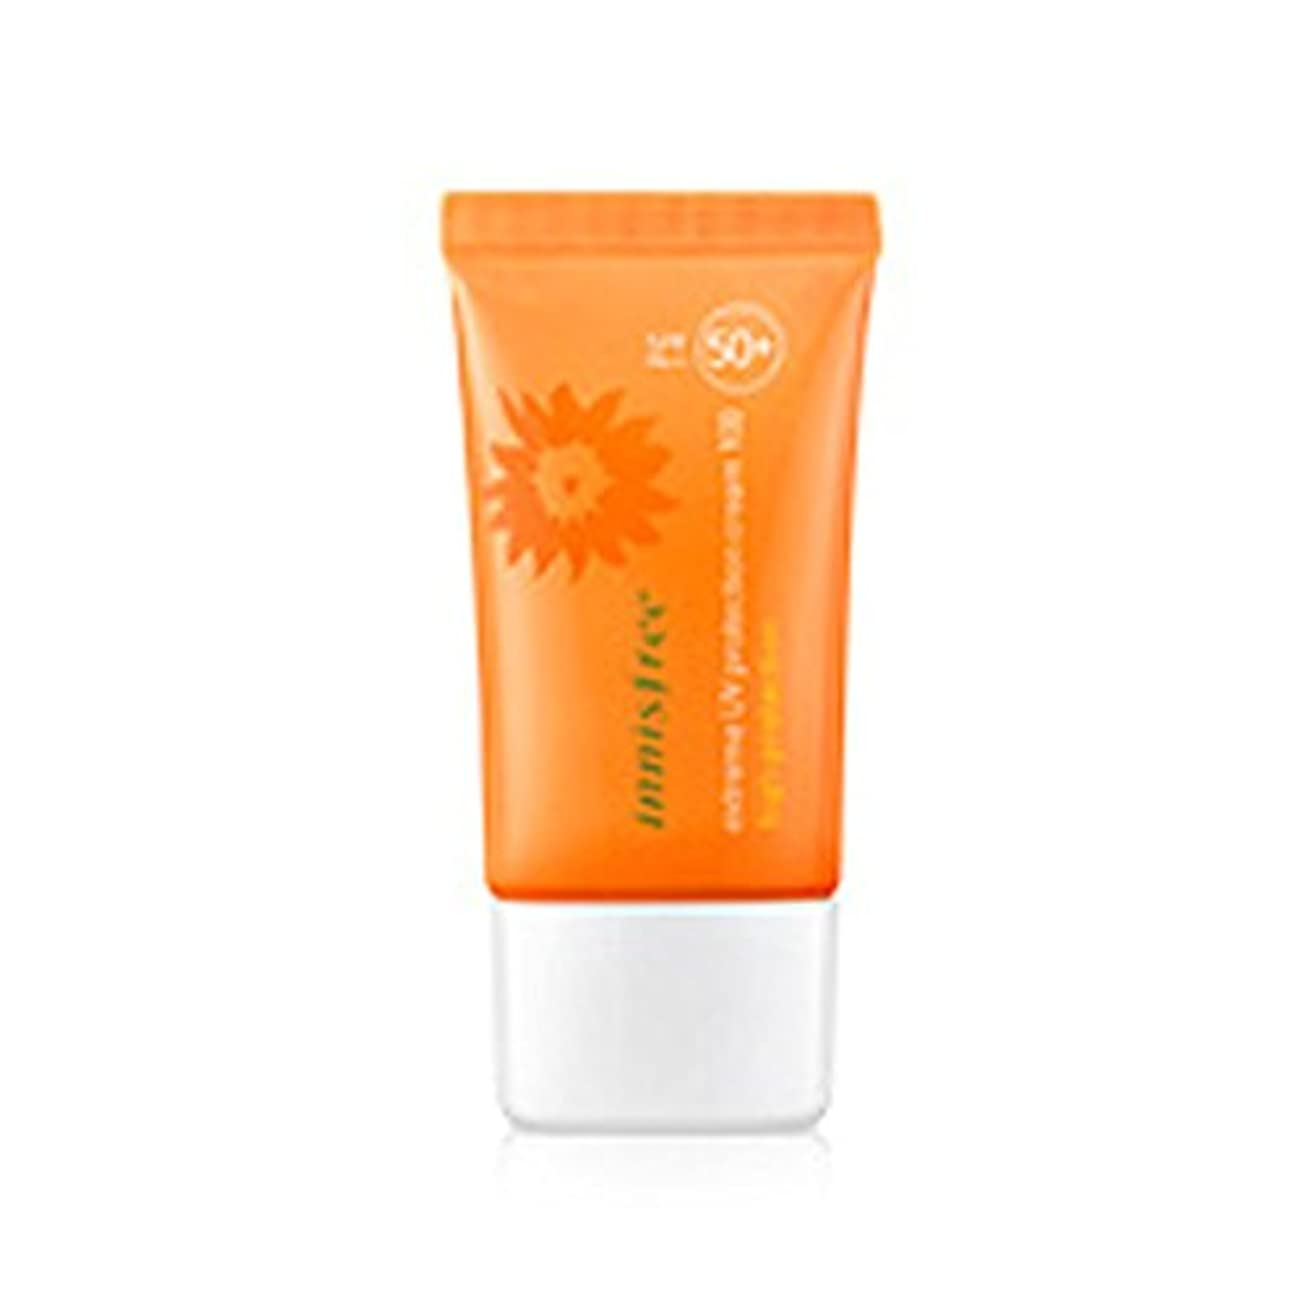 天才階下見物人イニスフリーエクストリームUVプロテクションクリーム100ハイプロテクション50ml   SPF50 + PA +++ Innisfree Extreme UV Protection Cream100 High Protection...